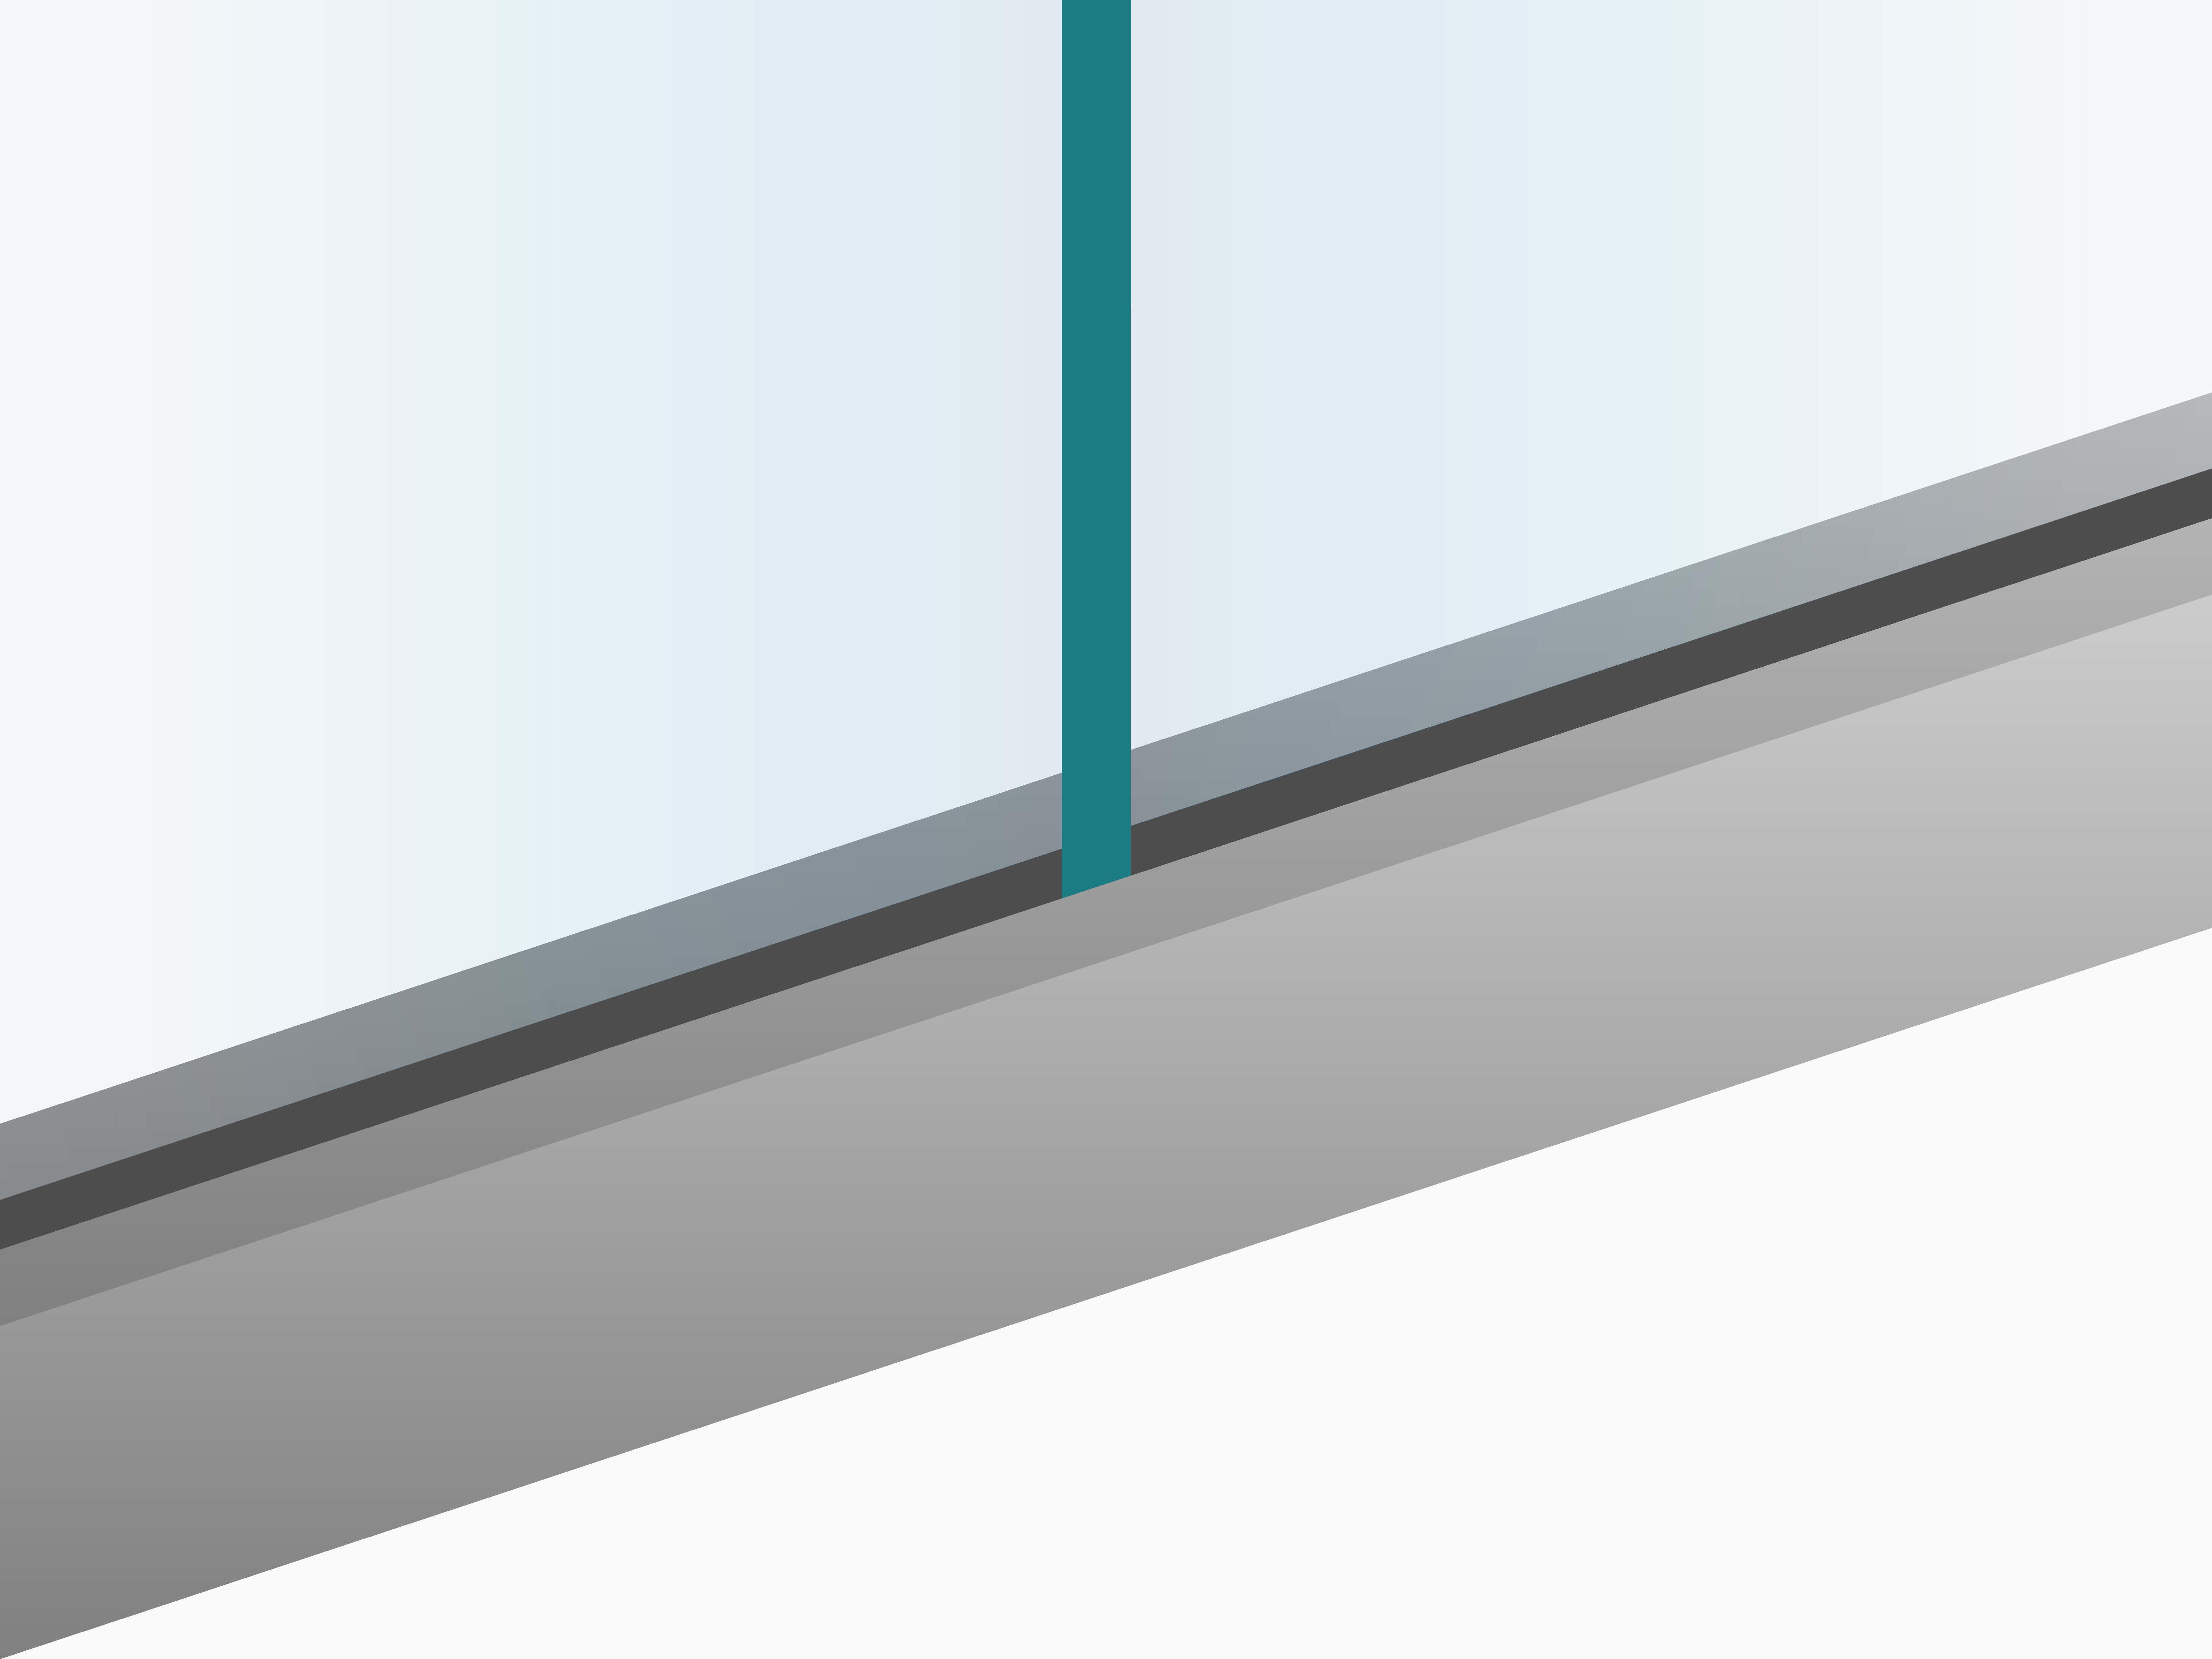 durchgehende-absturzsichernde-verglasung